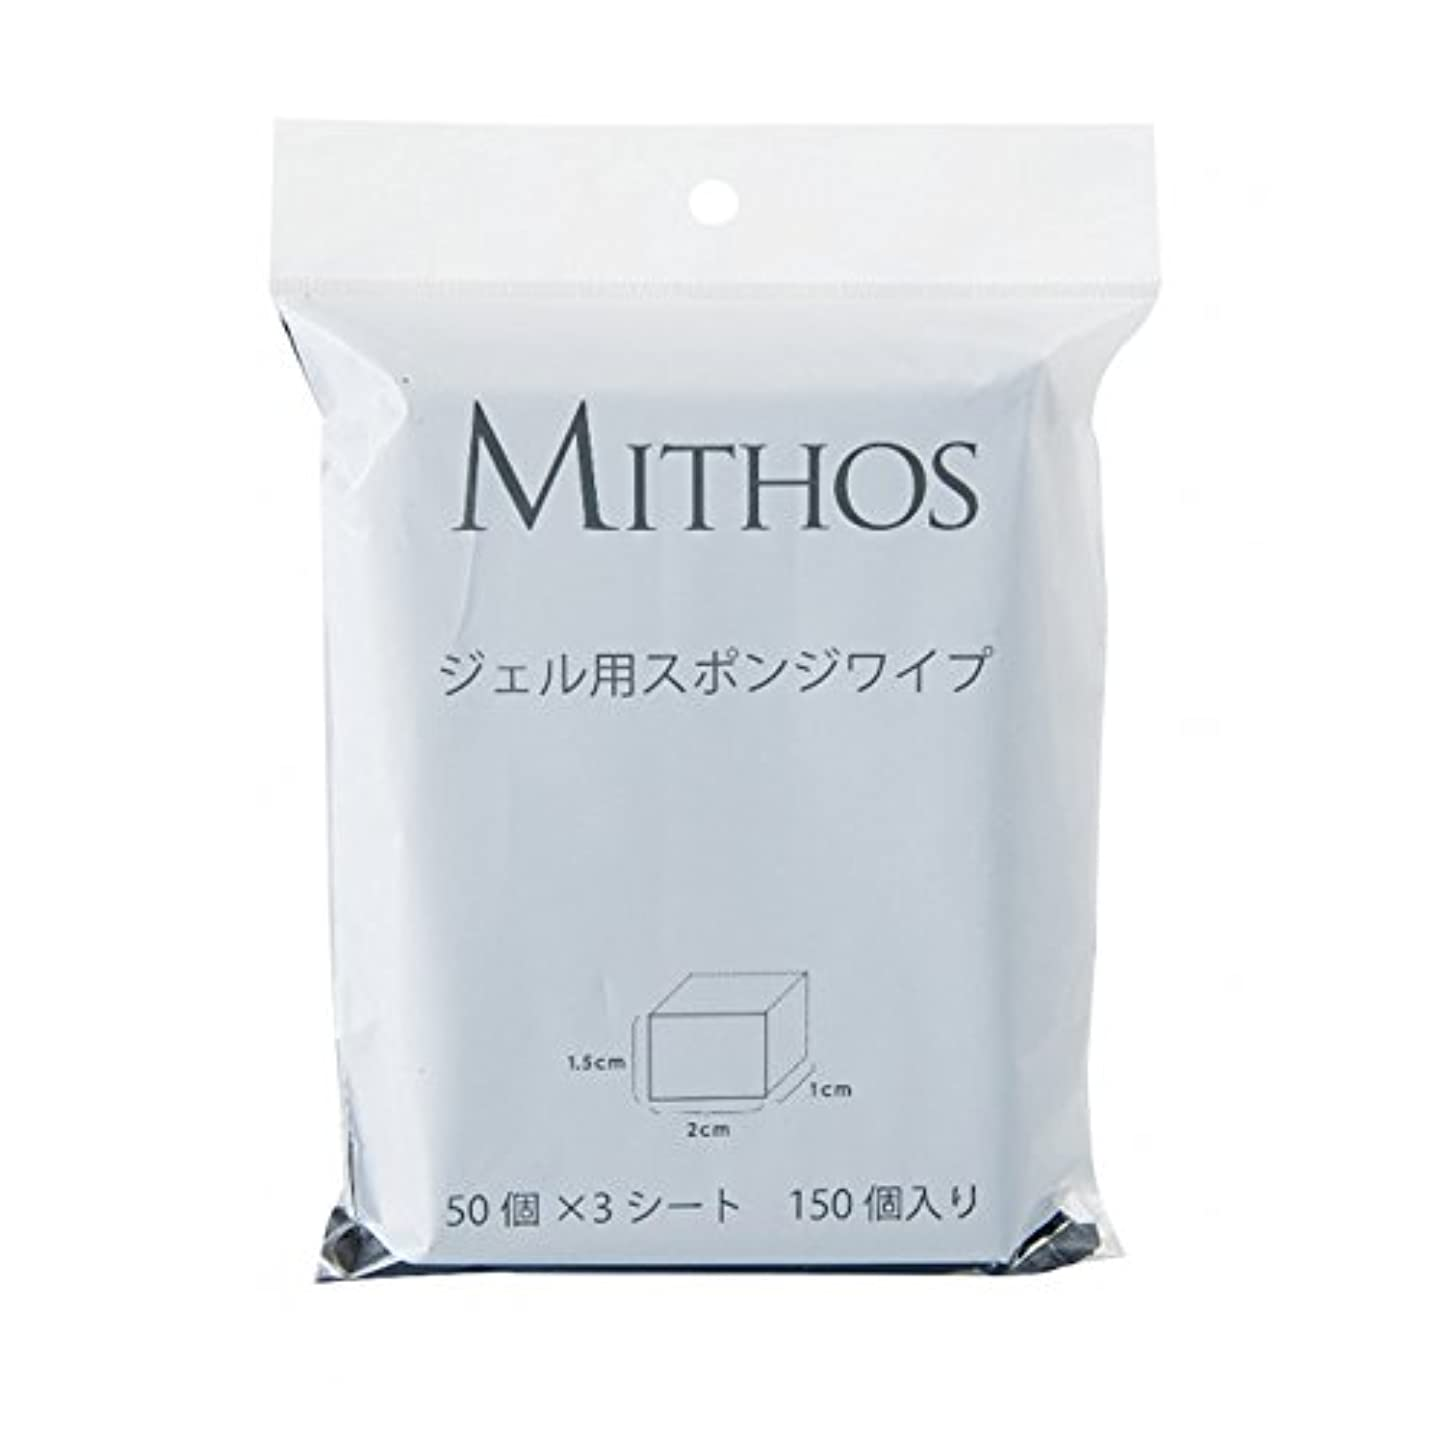 ナラーバーハプニングそのMITHOS ジェル用スポンジワイプ 150P 1.5×2×1cm 50個×3シート